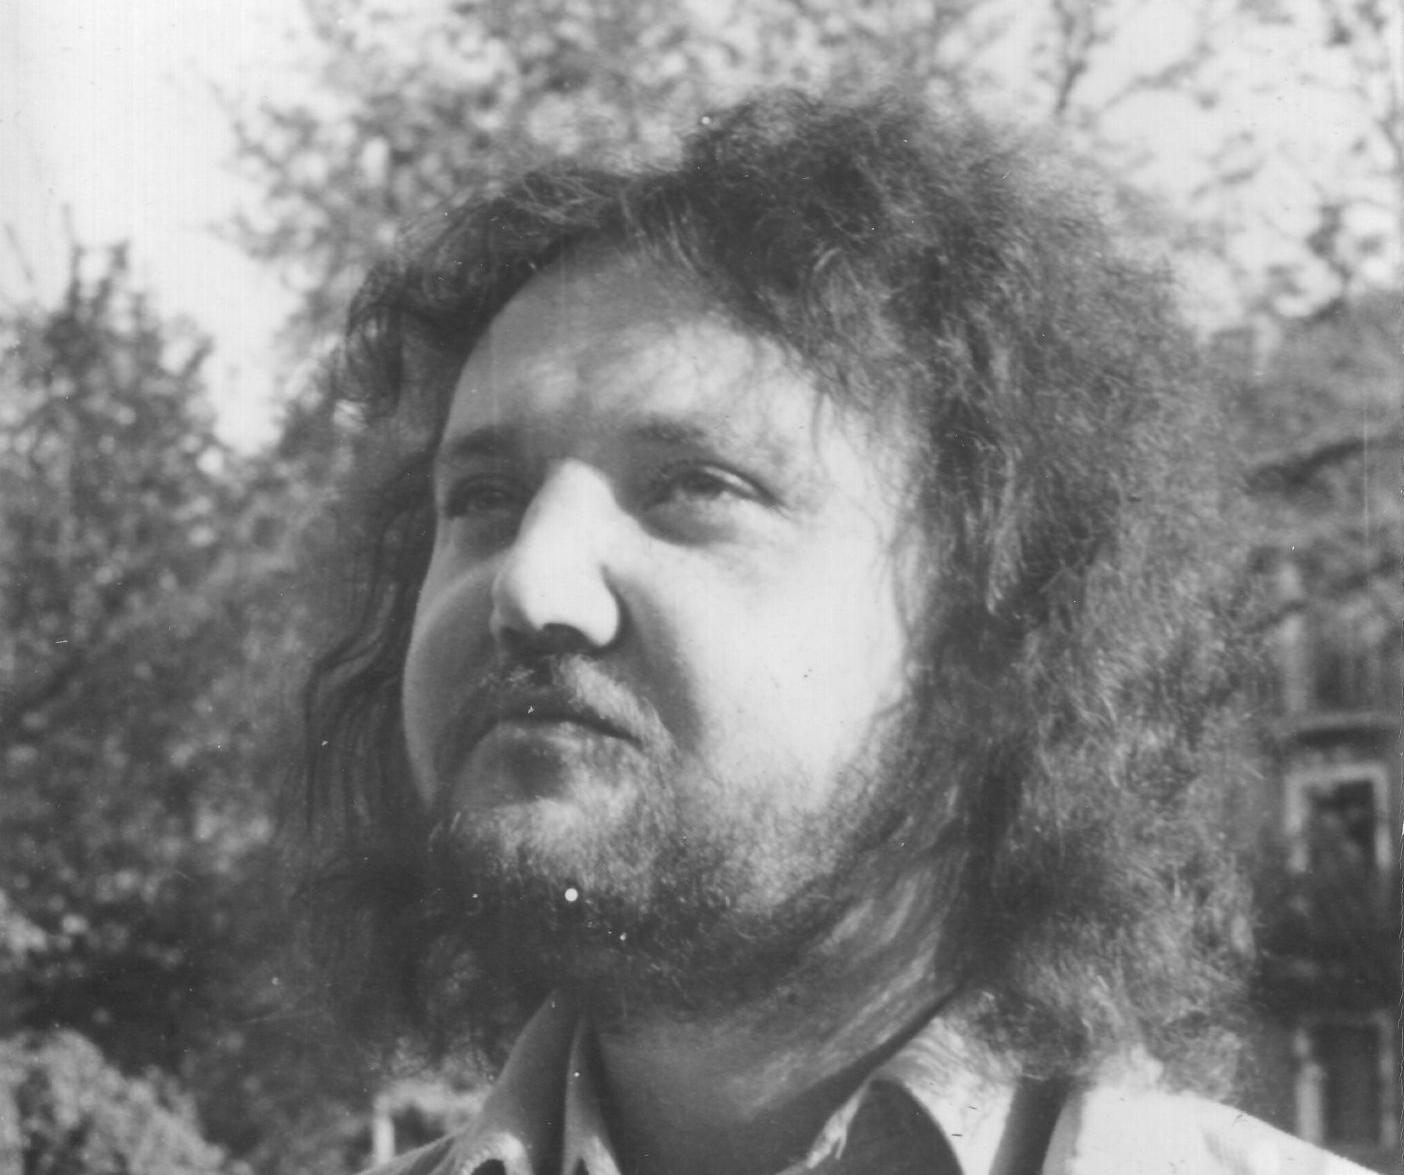 tuzkerek_1976_jater_promo02_radicsbela_1.jpg